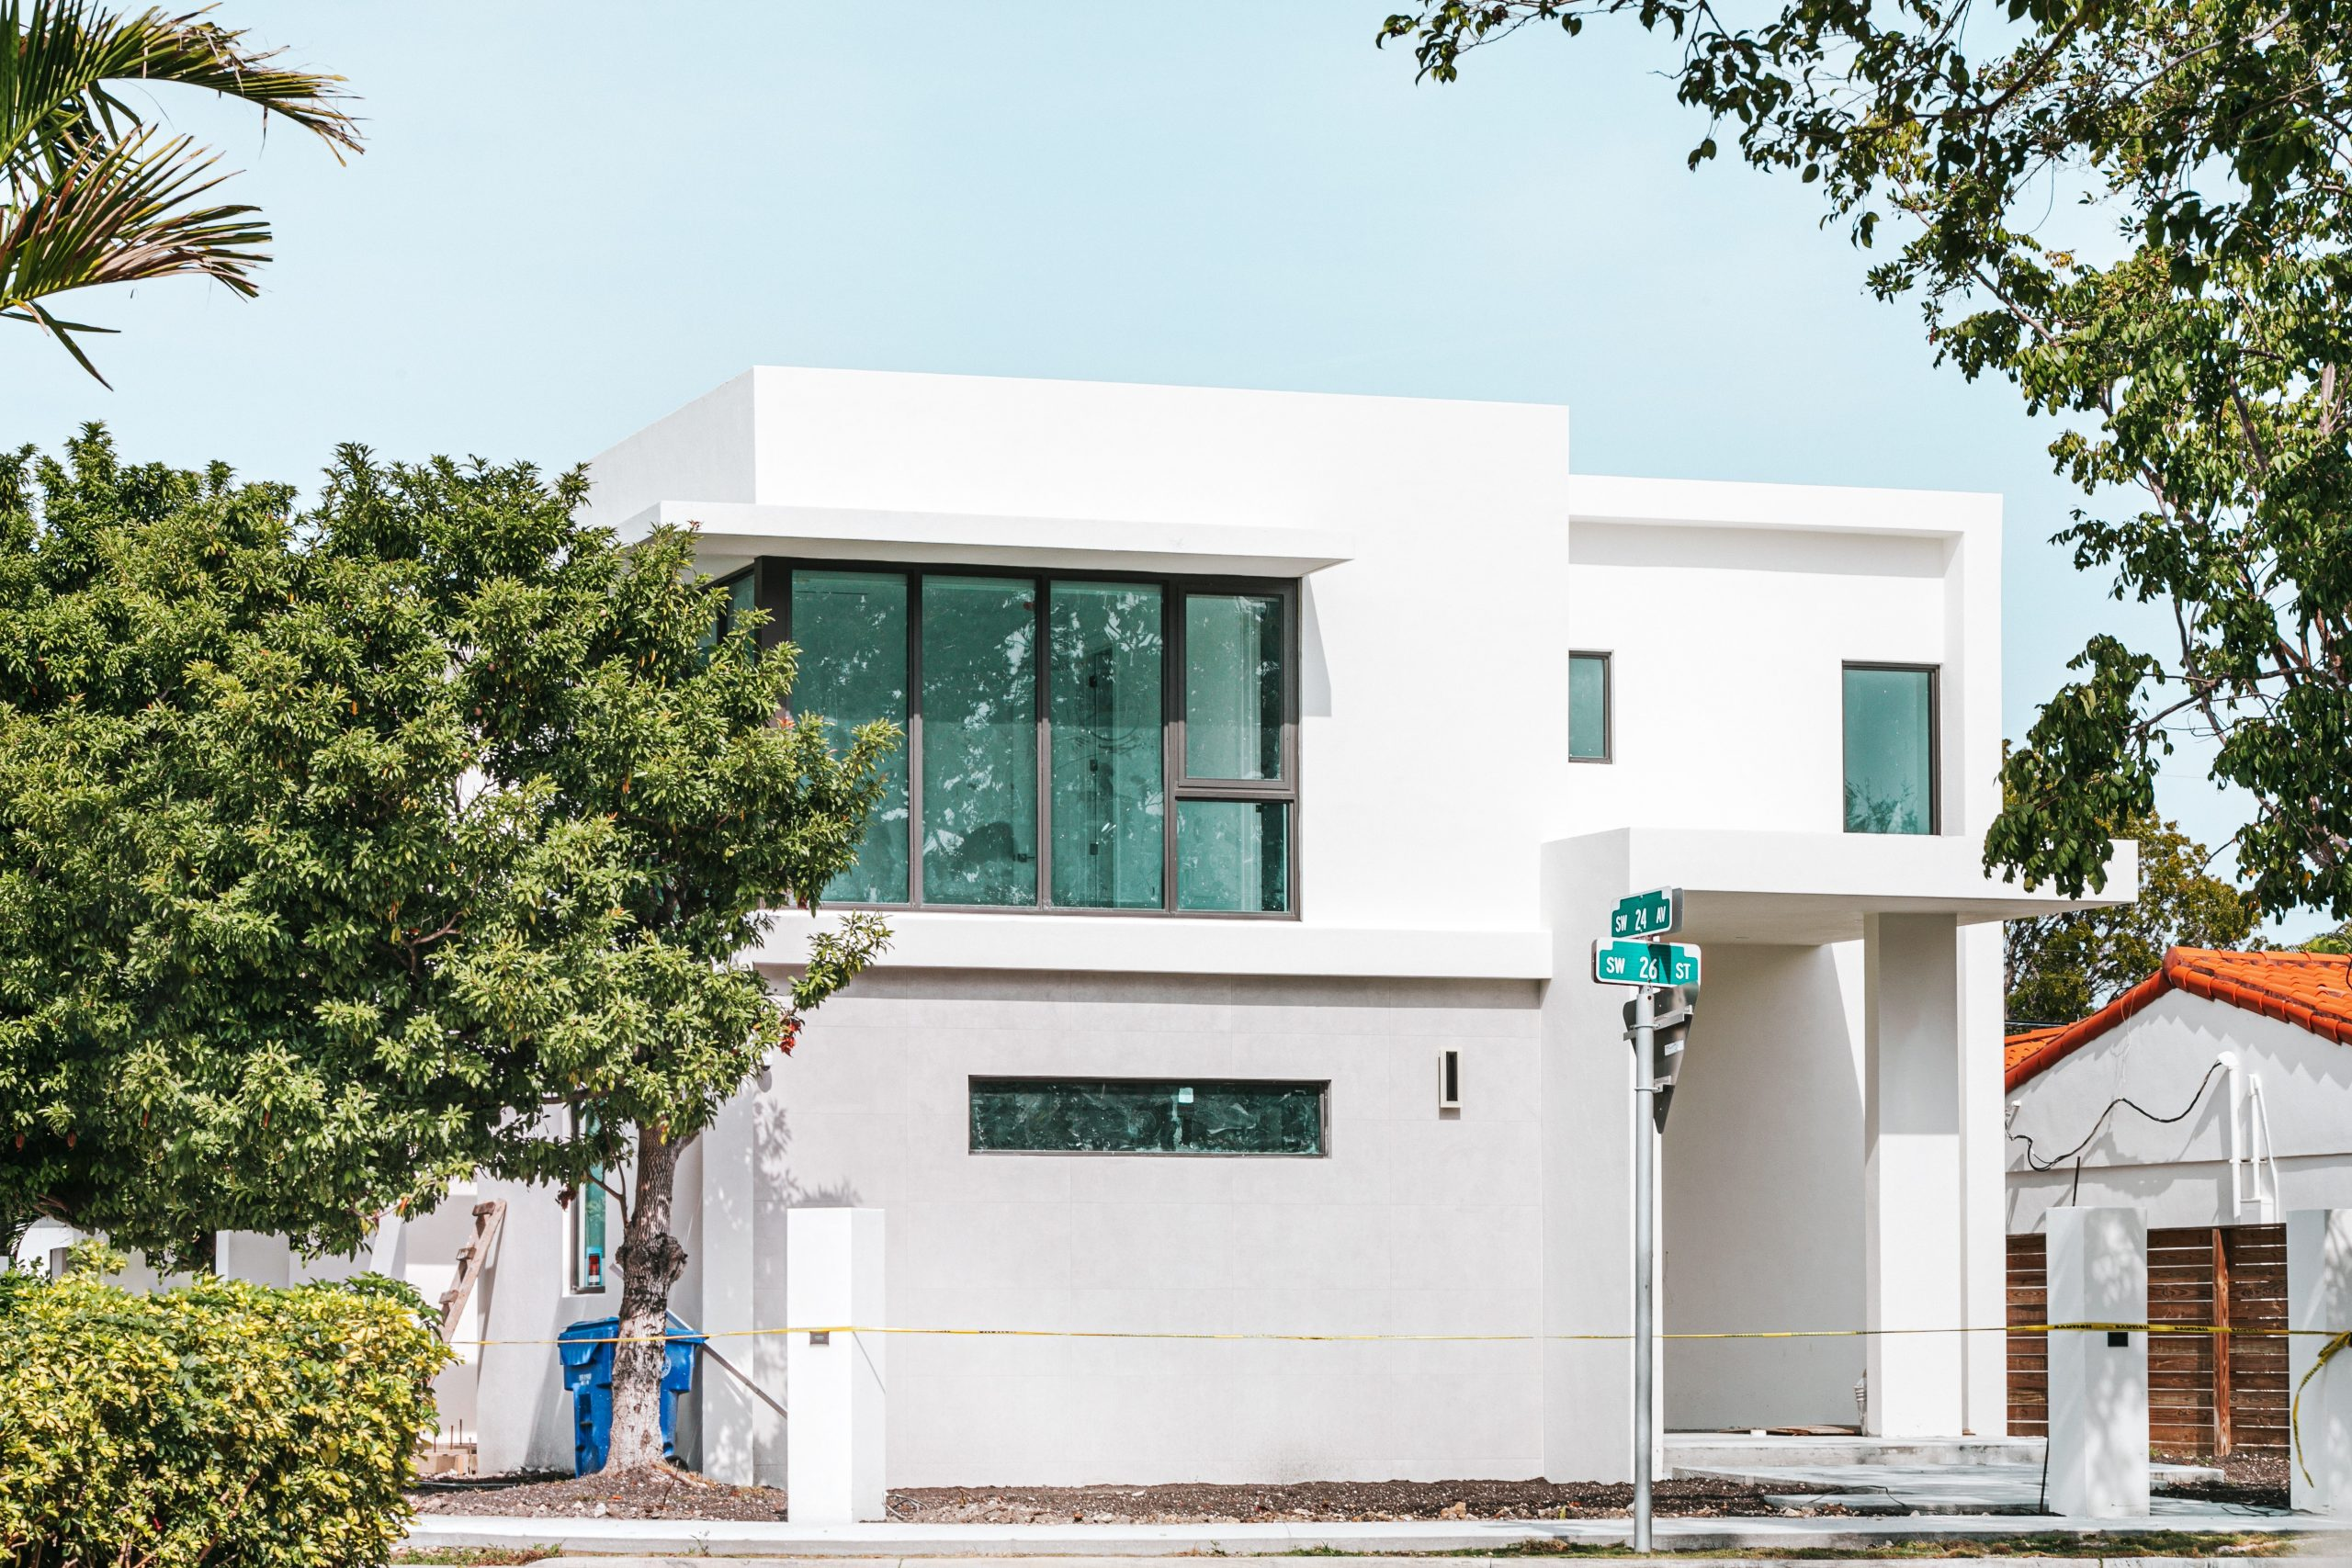 """5 เทคนิคสร้างบ้าน """"สไตล์โมเดิร์น"""" ให้เข้ากับสภาพอากาศเมืองไทย"""